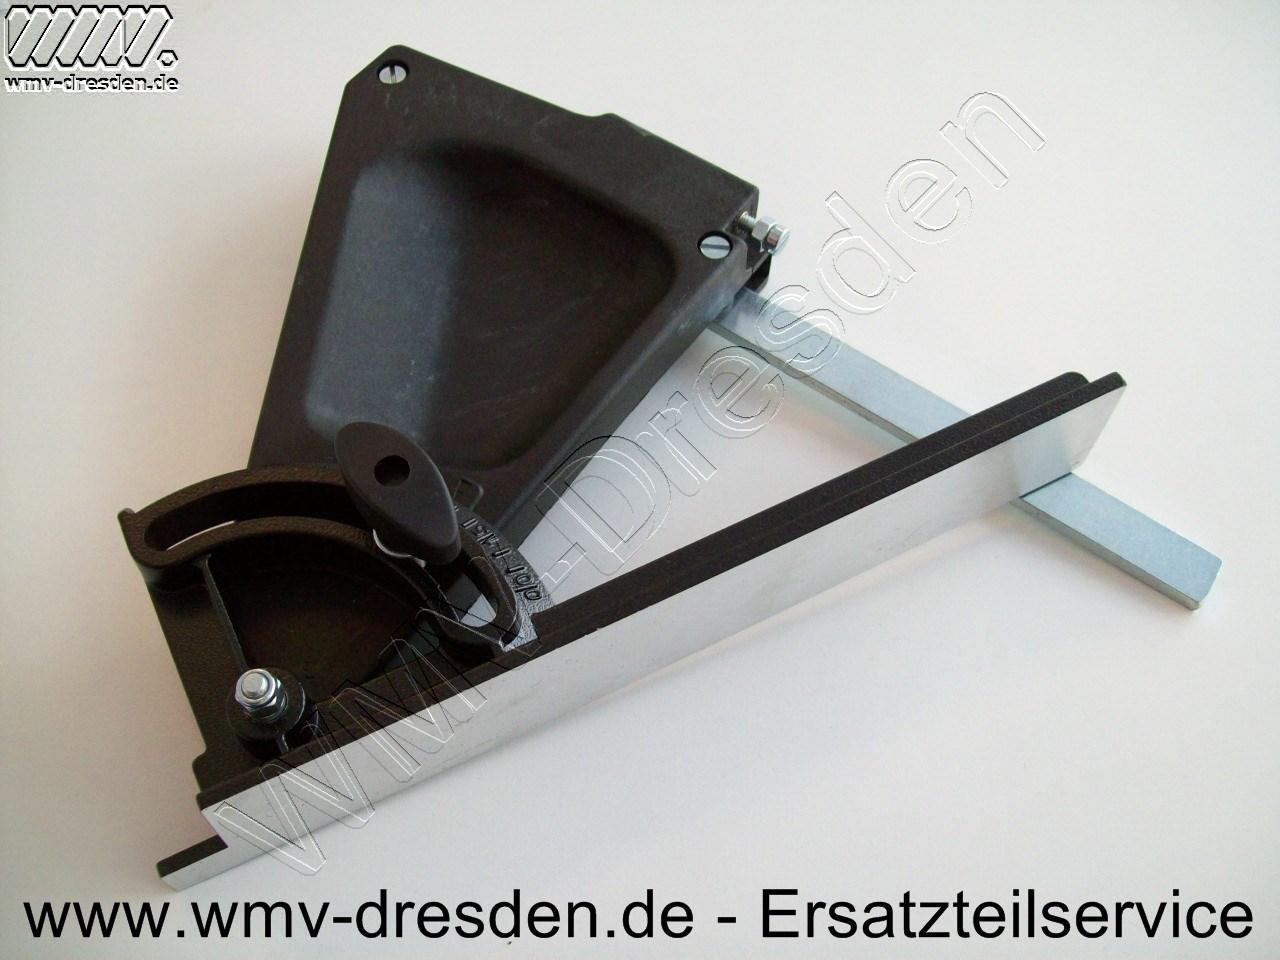 Schiebe- und Gehrungsanschlag fuer TGS 171 / 172 / 173